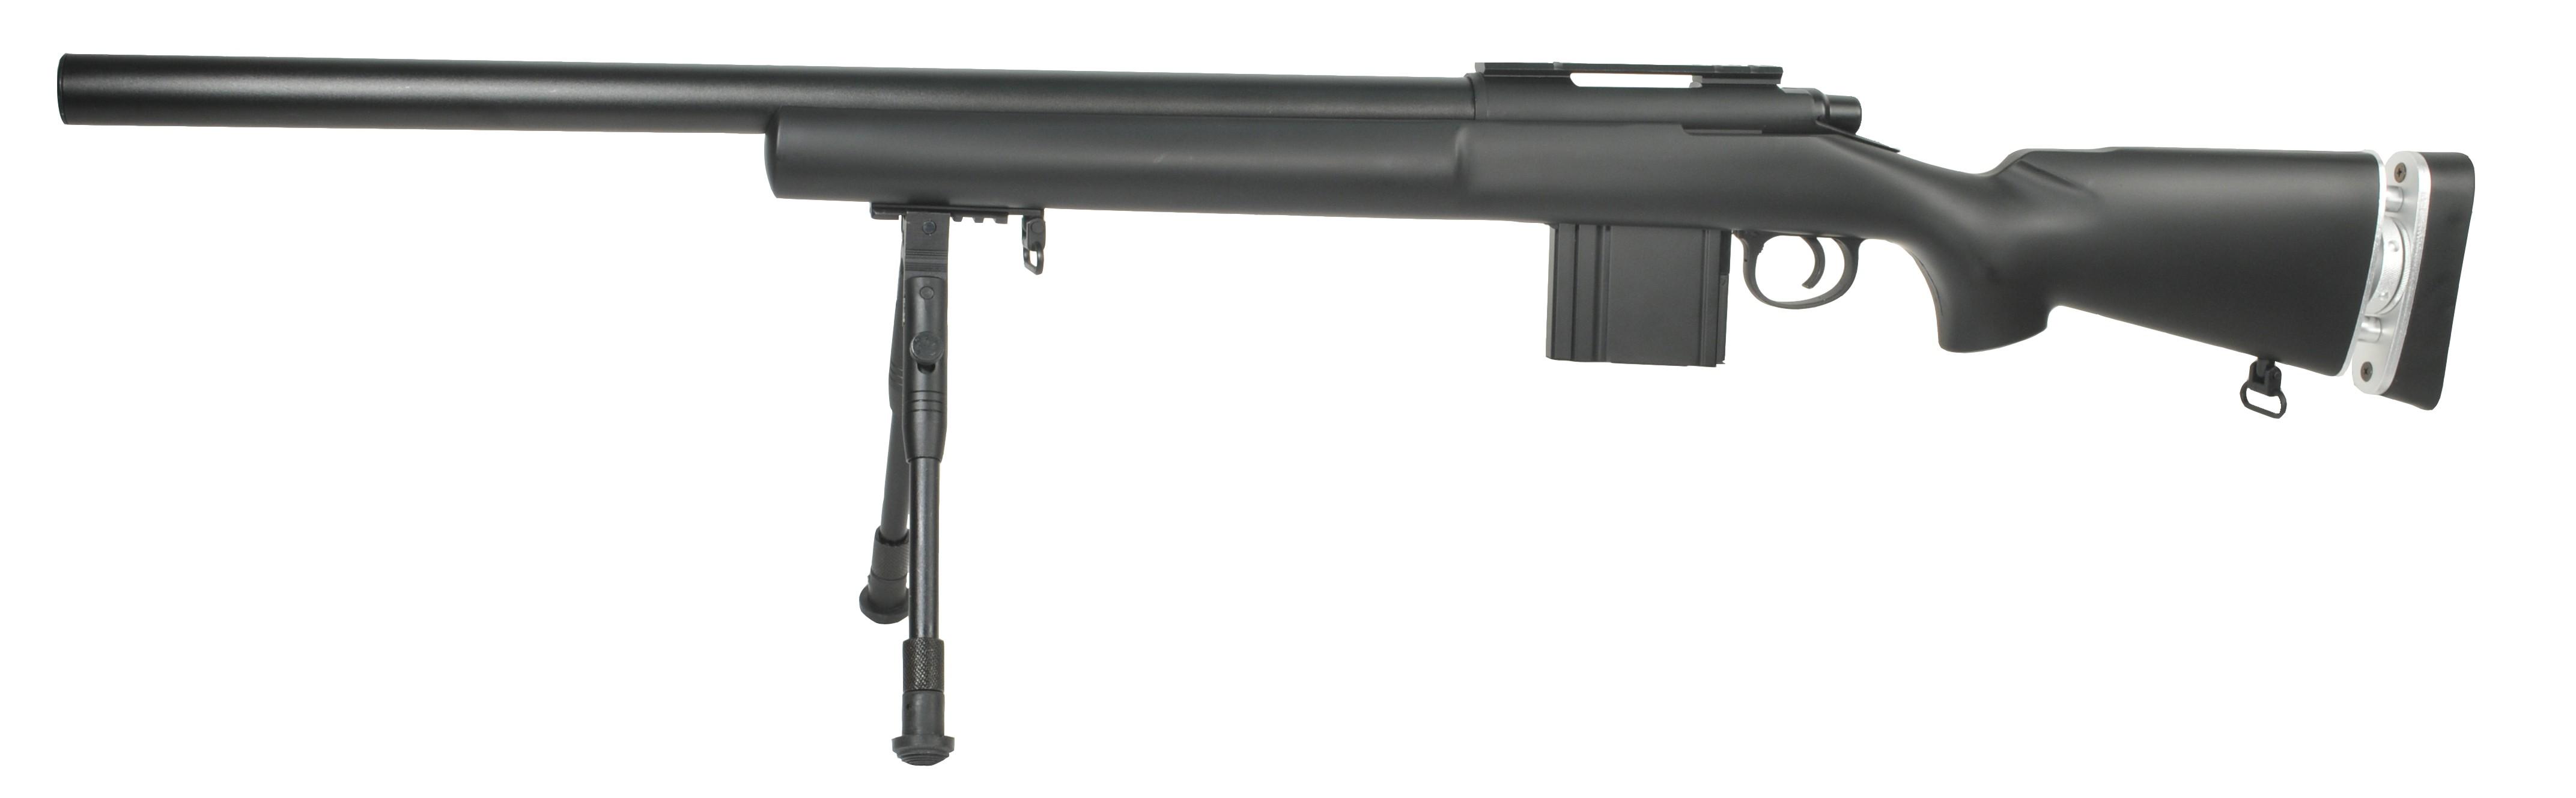 Swiss Arms - Fusil de sniper Type M24 SAS 04 - Spring - Noir (1.9 joules)